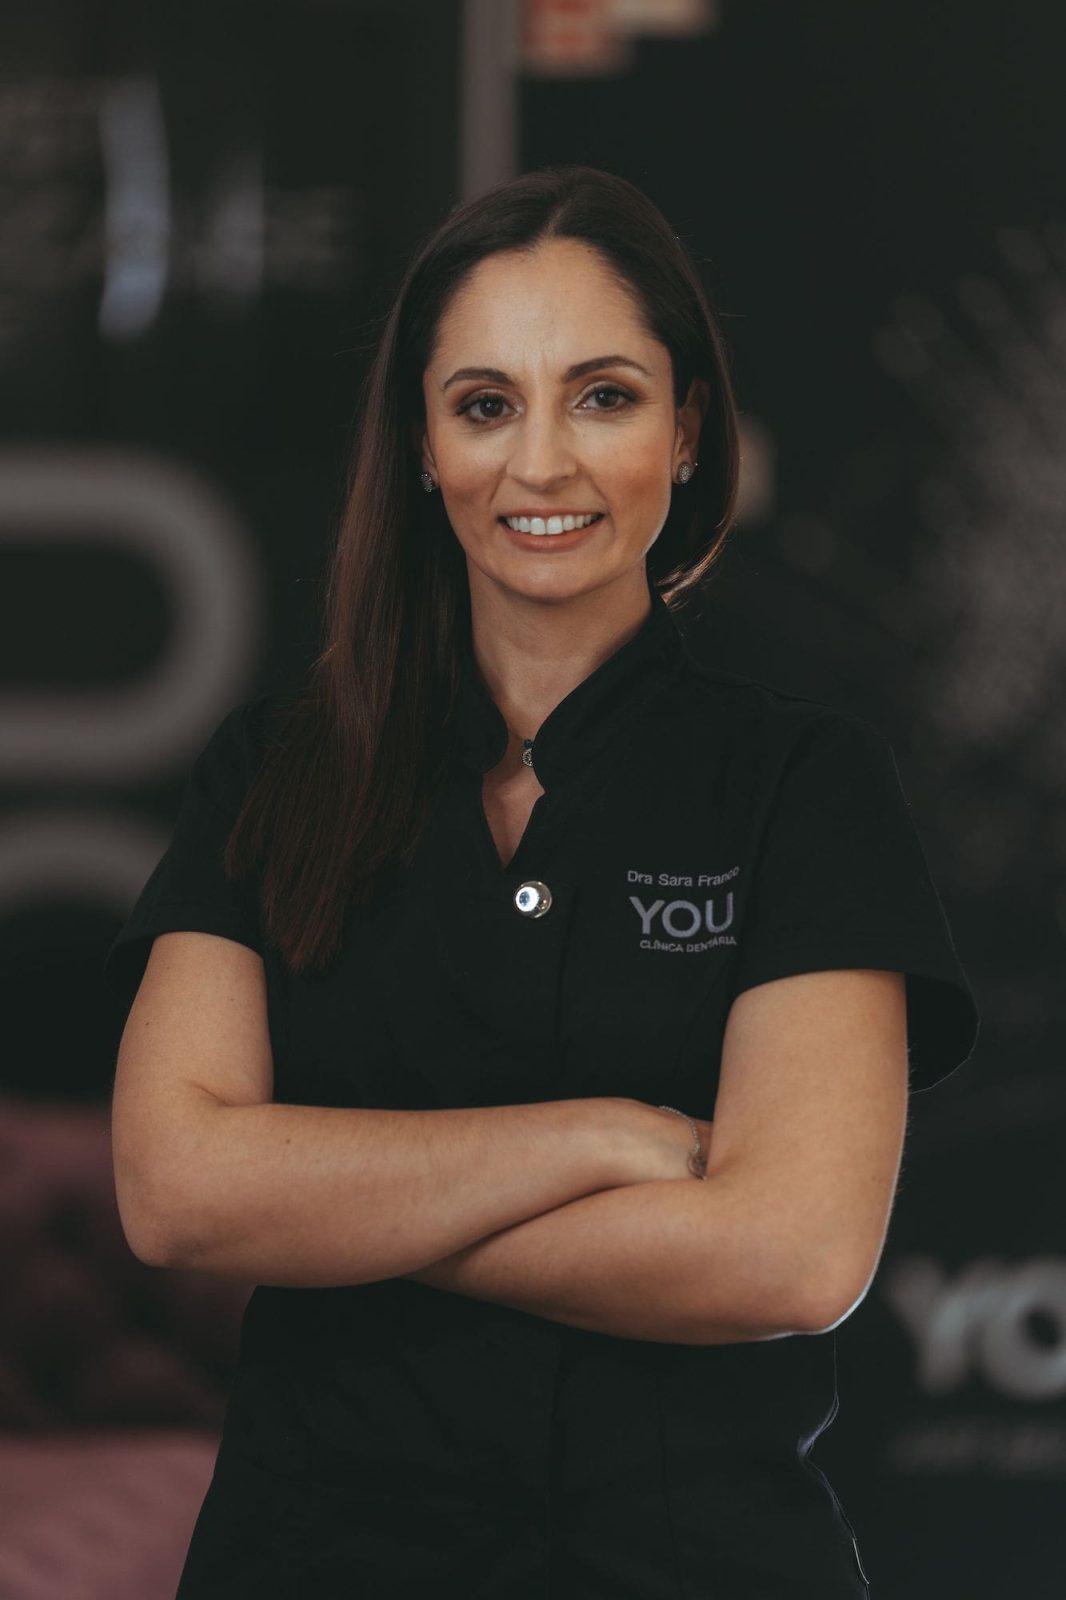 Dra. Sara Franco